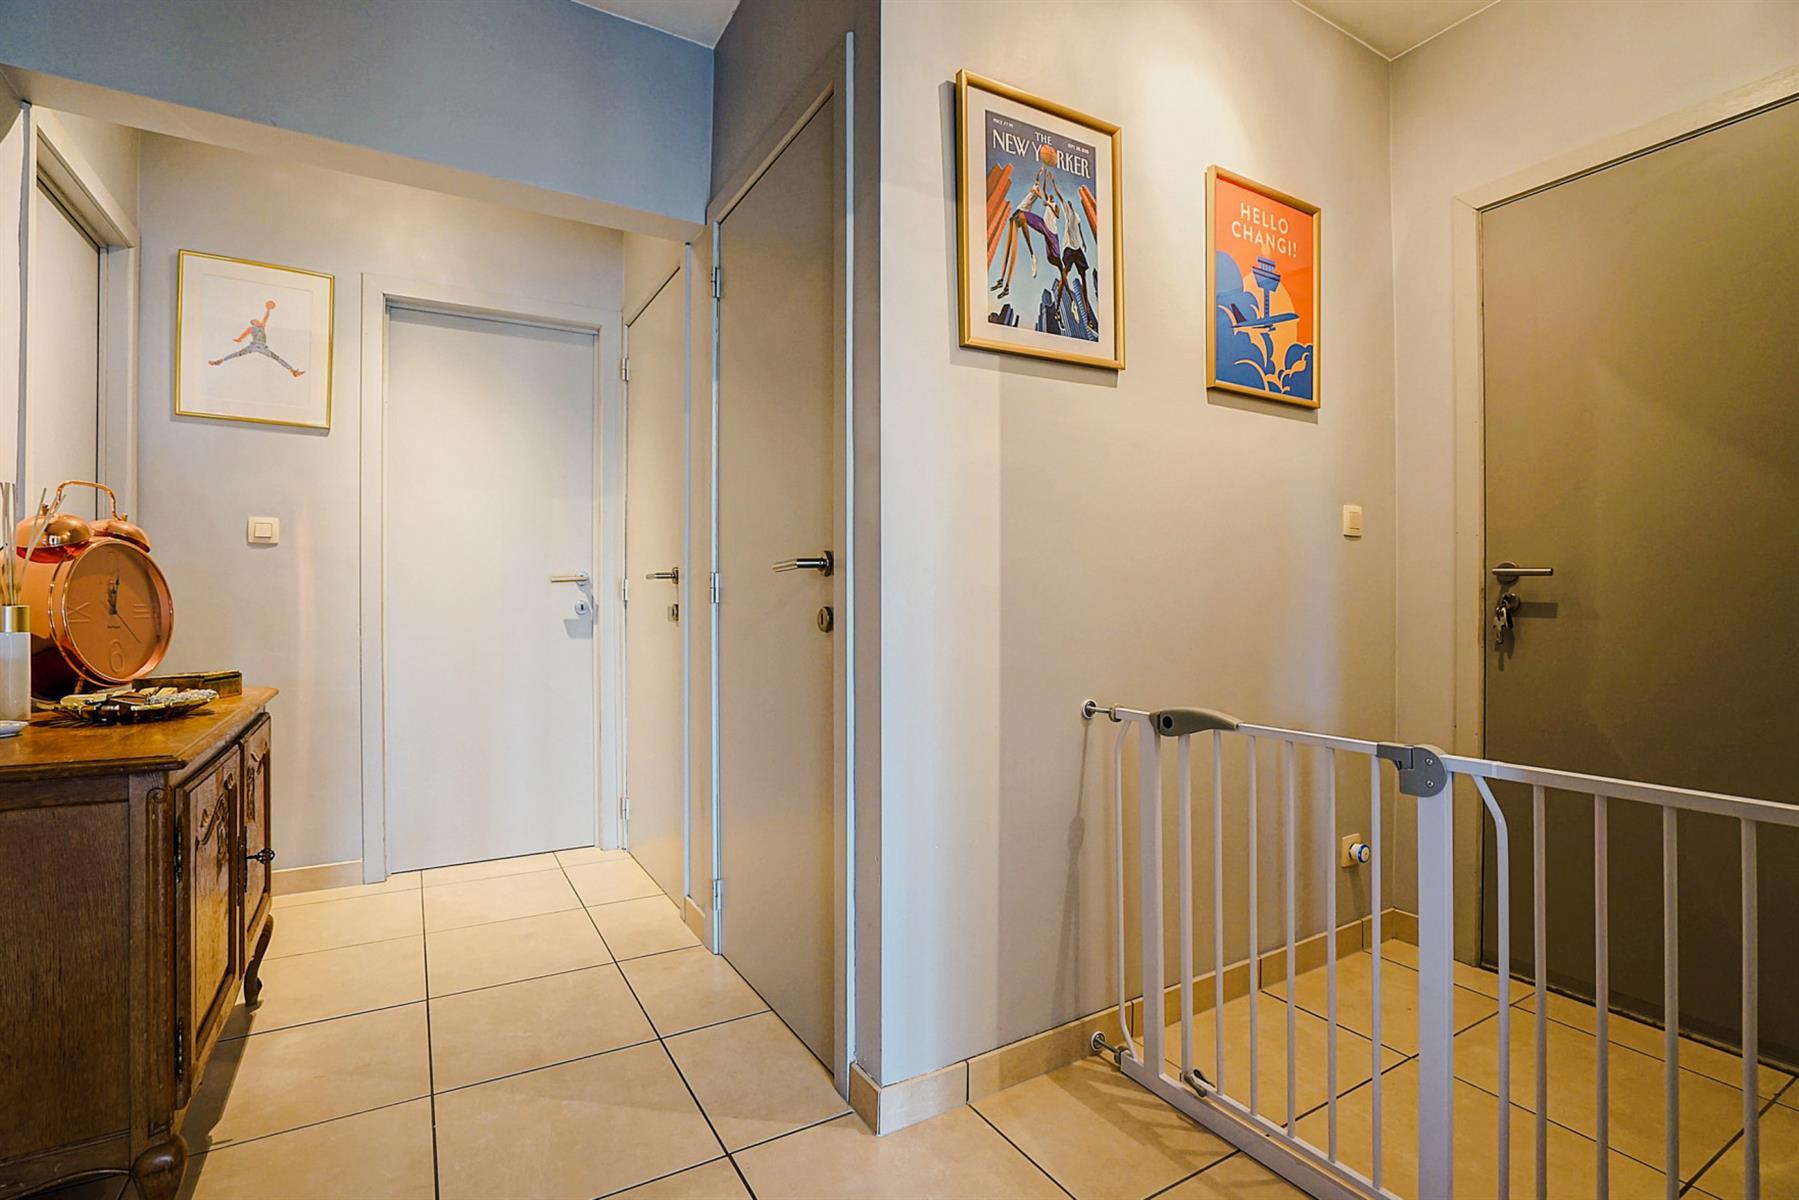 Appartement - Ottignies-louvain-la-neuve - #4505964-6